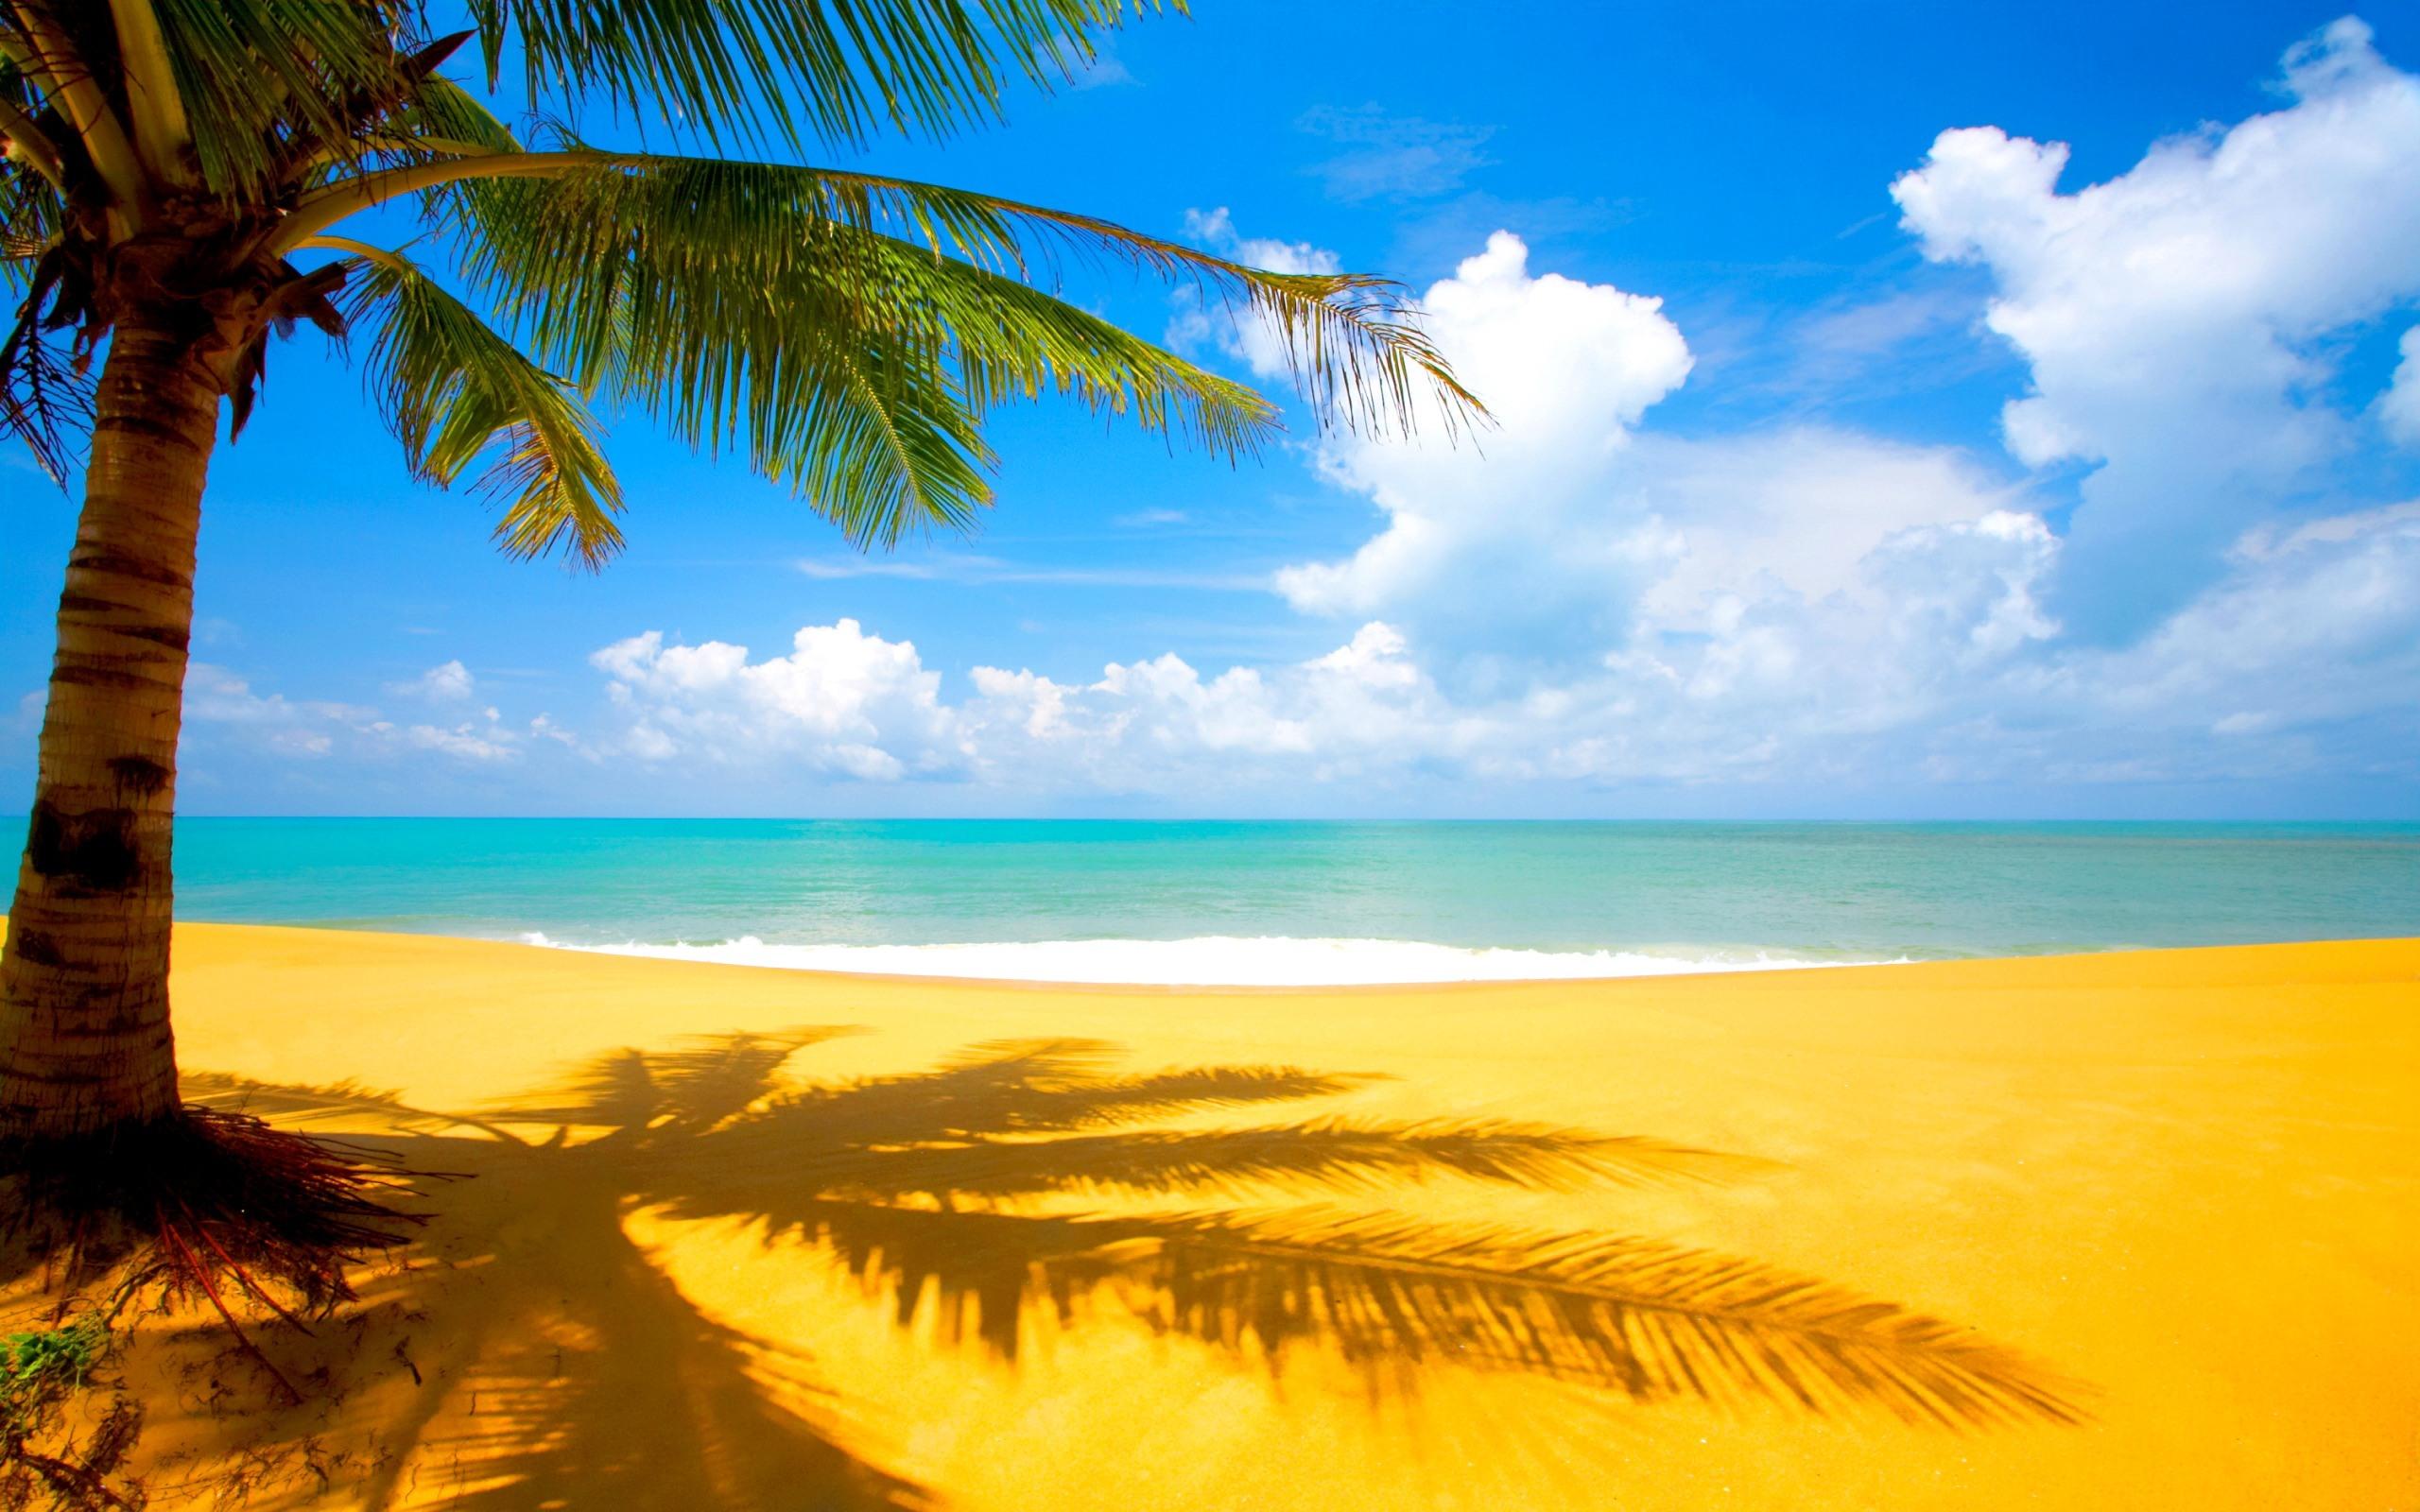 At the Beach desktop wallpaper 2560x1600